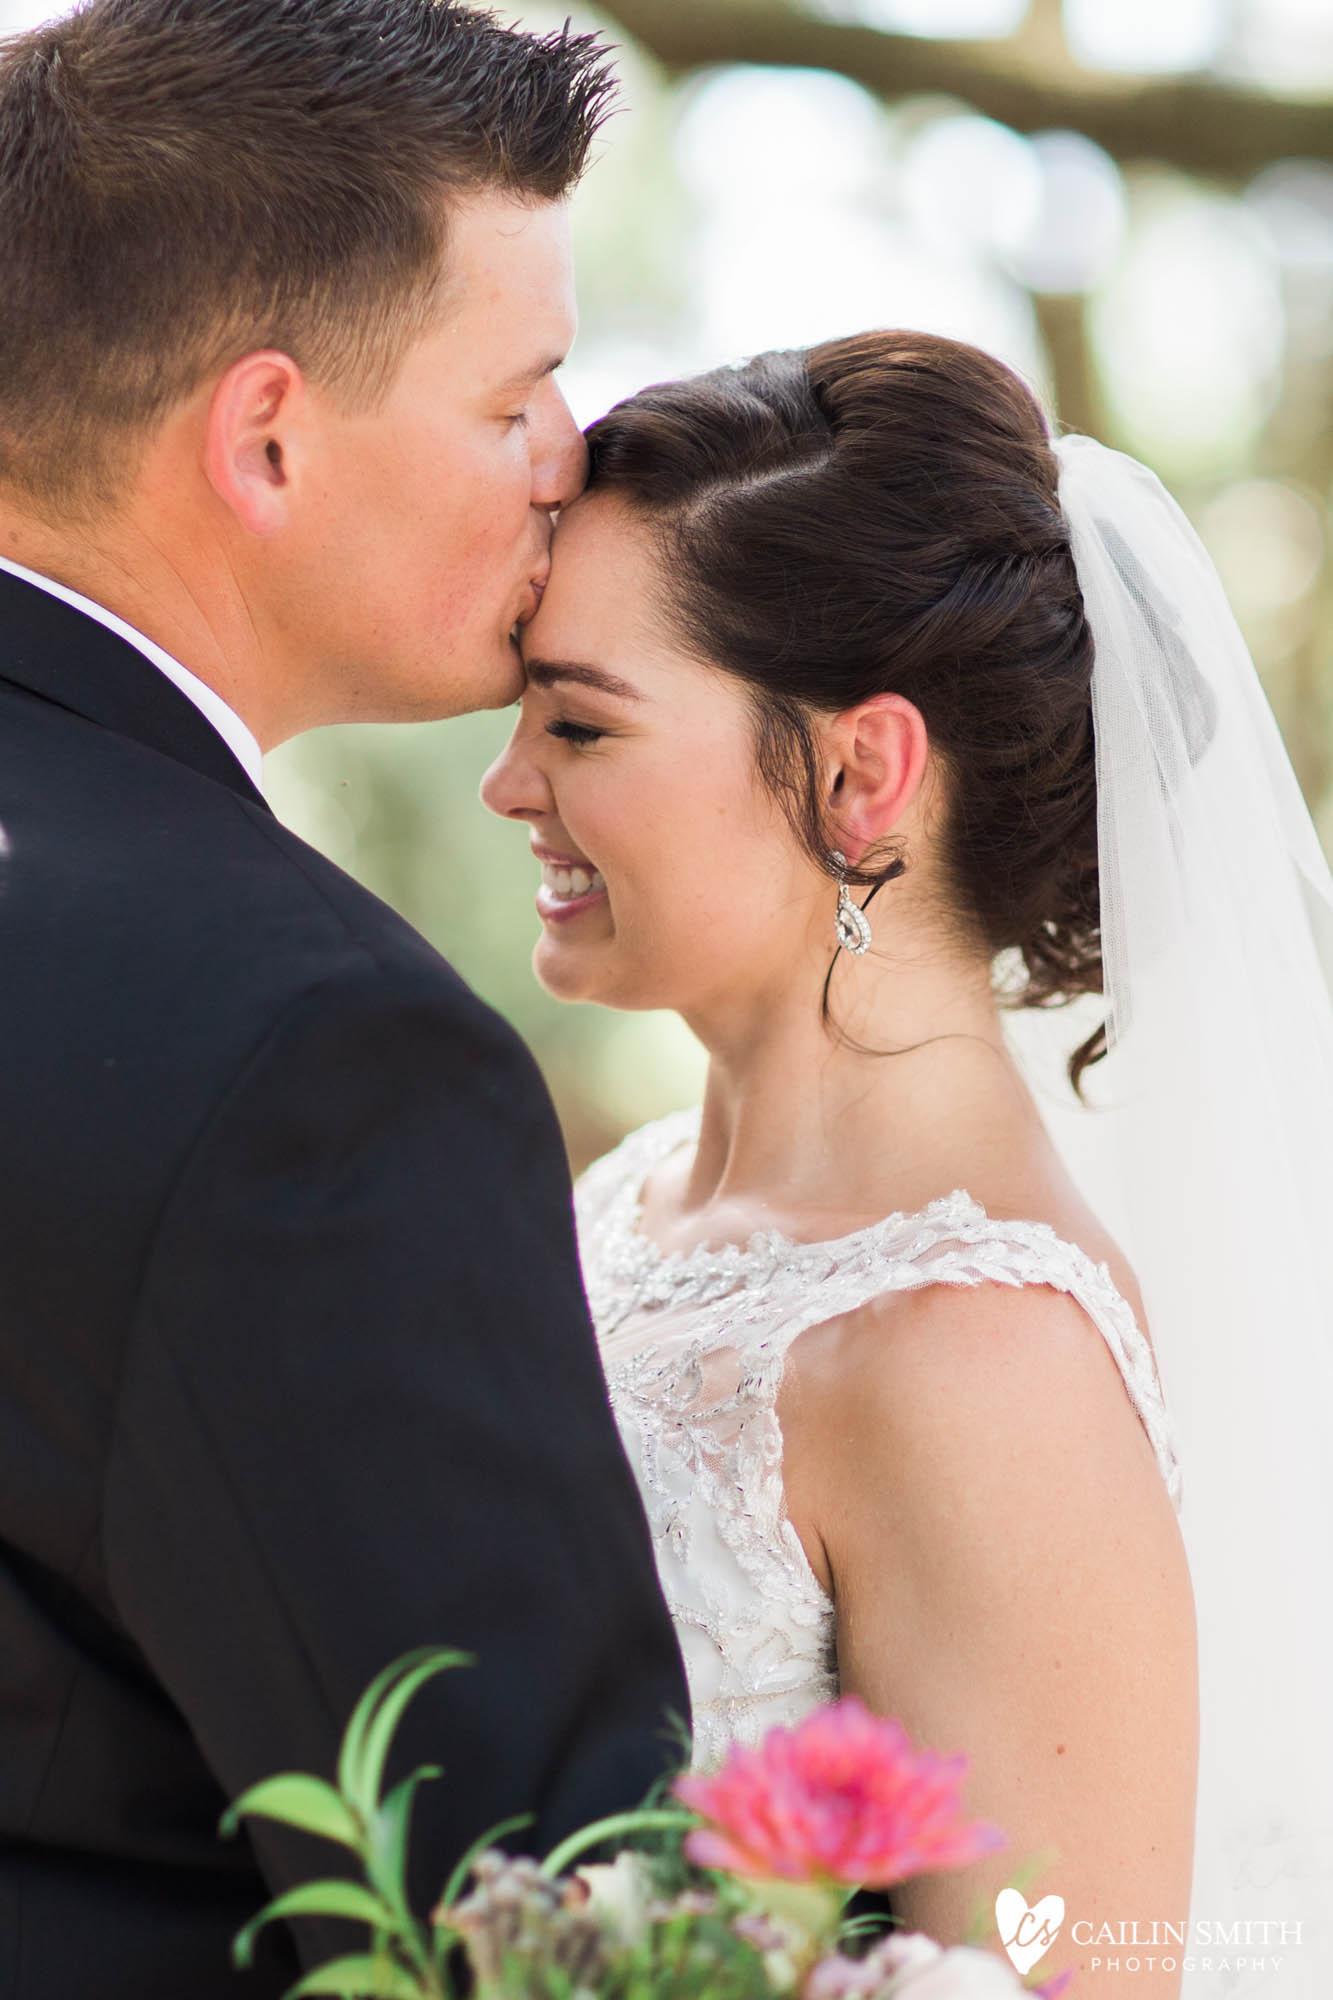 Bethany_Kyle_Bowing_Oaks_Plantation_Wedding_Photography_0047.jpg